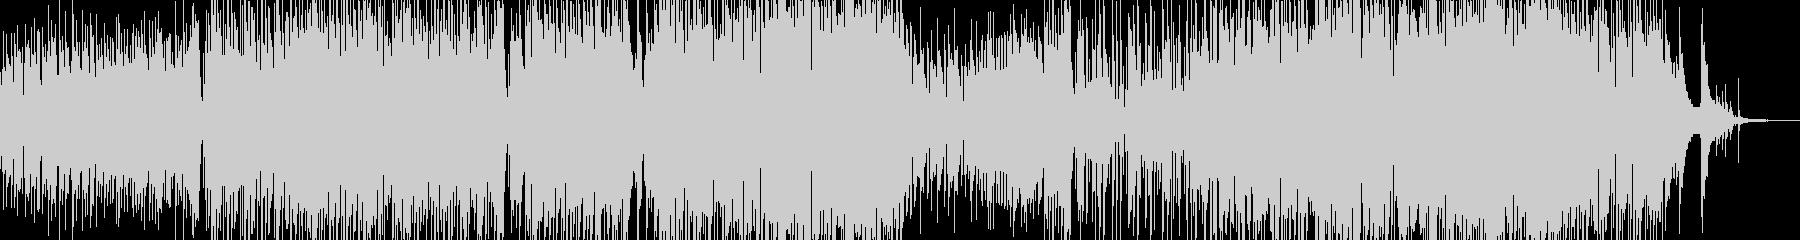 メルヘンチックなジャズワルツの未再生の波形